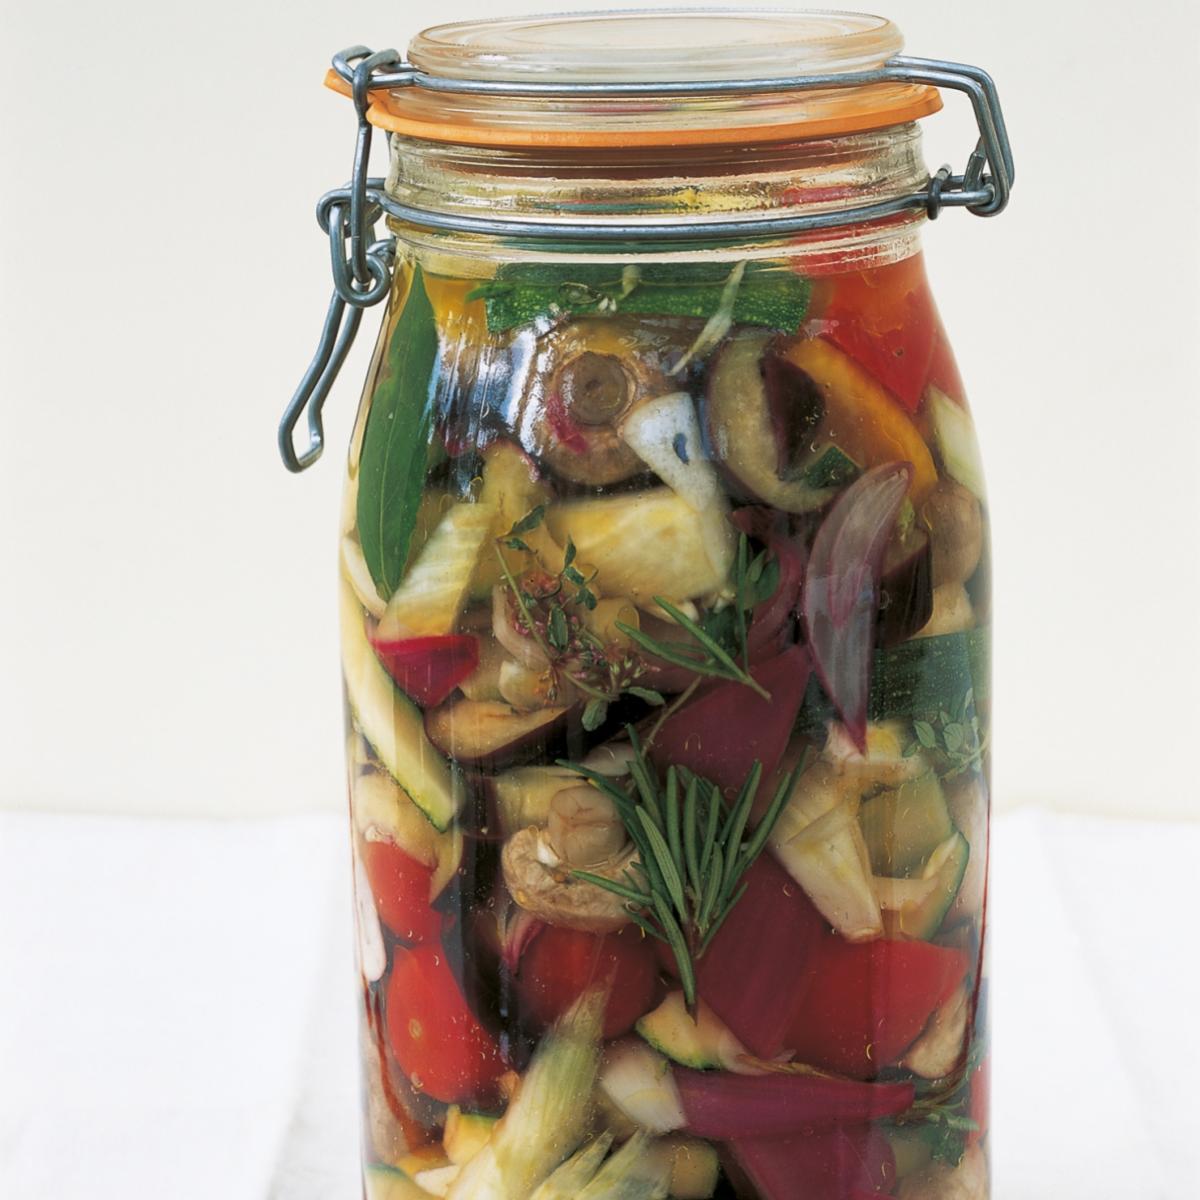 A picture of Delia's Giardiniere Pickles (Italian Gardener's Pickles) recipe